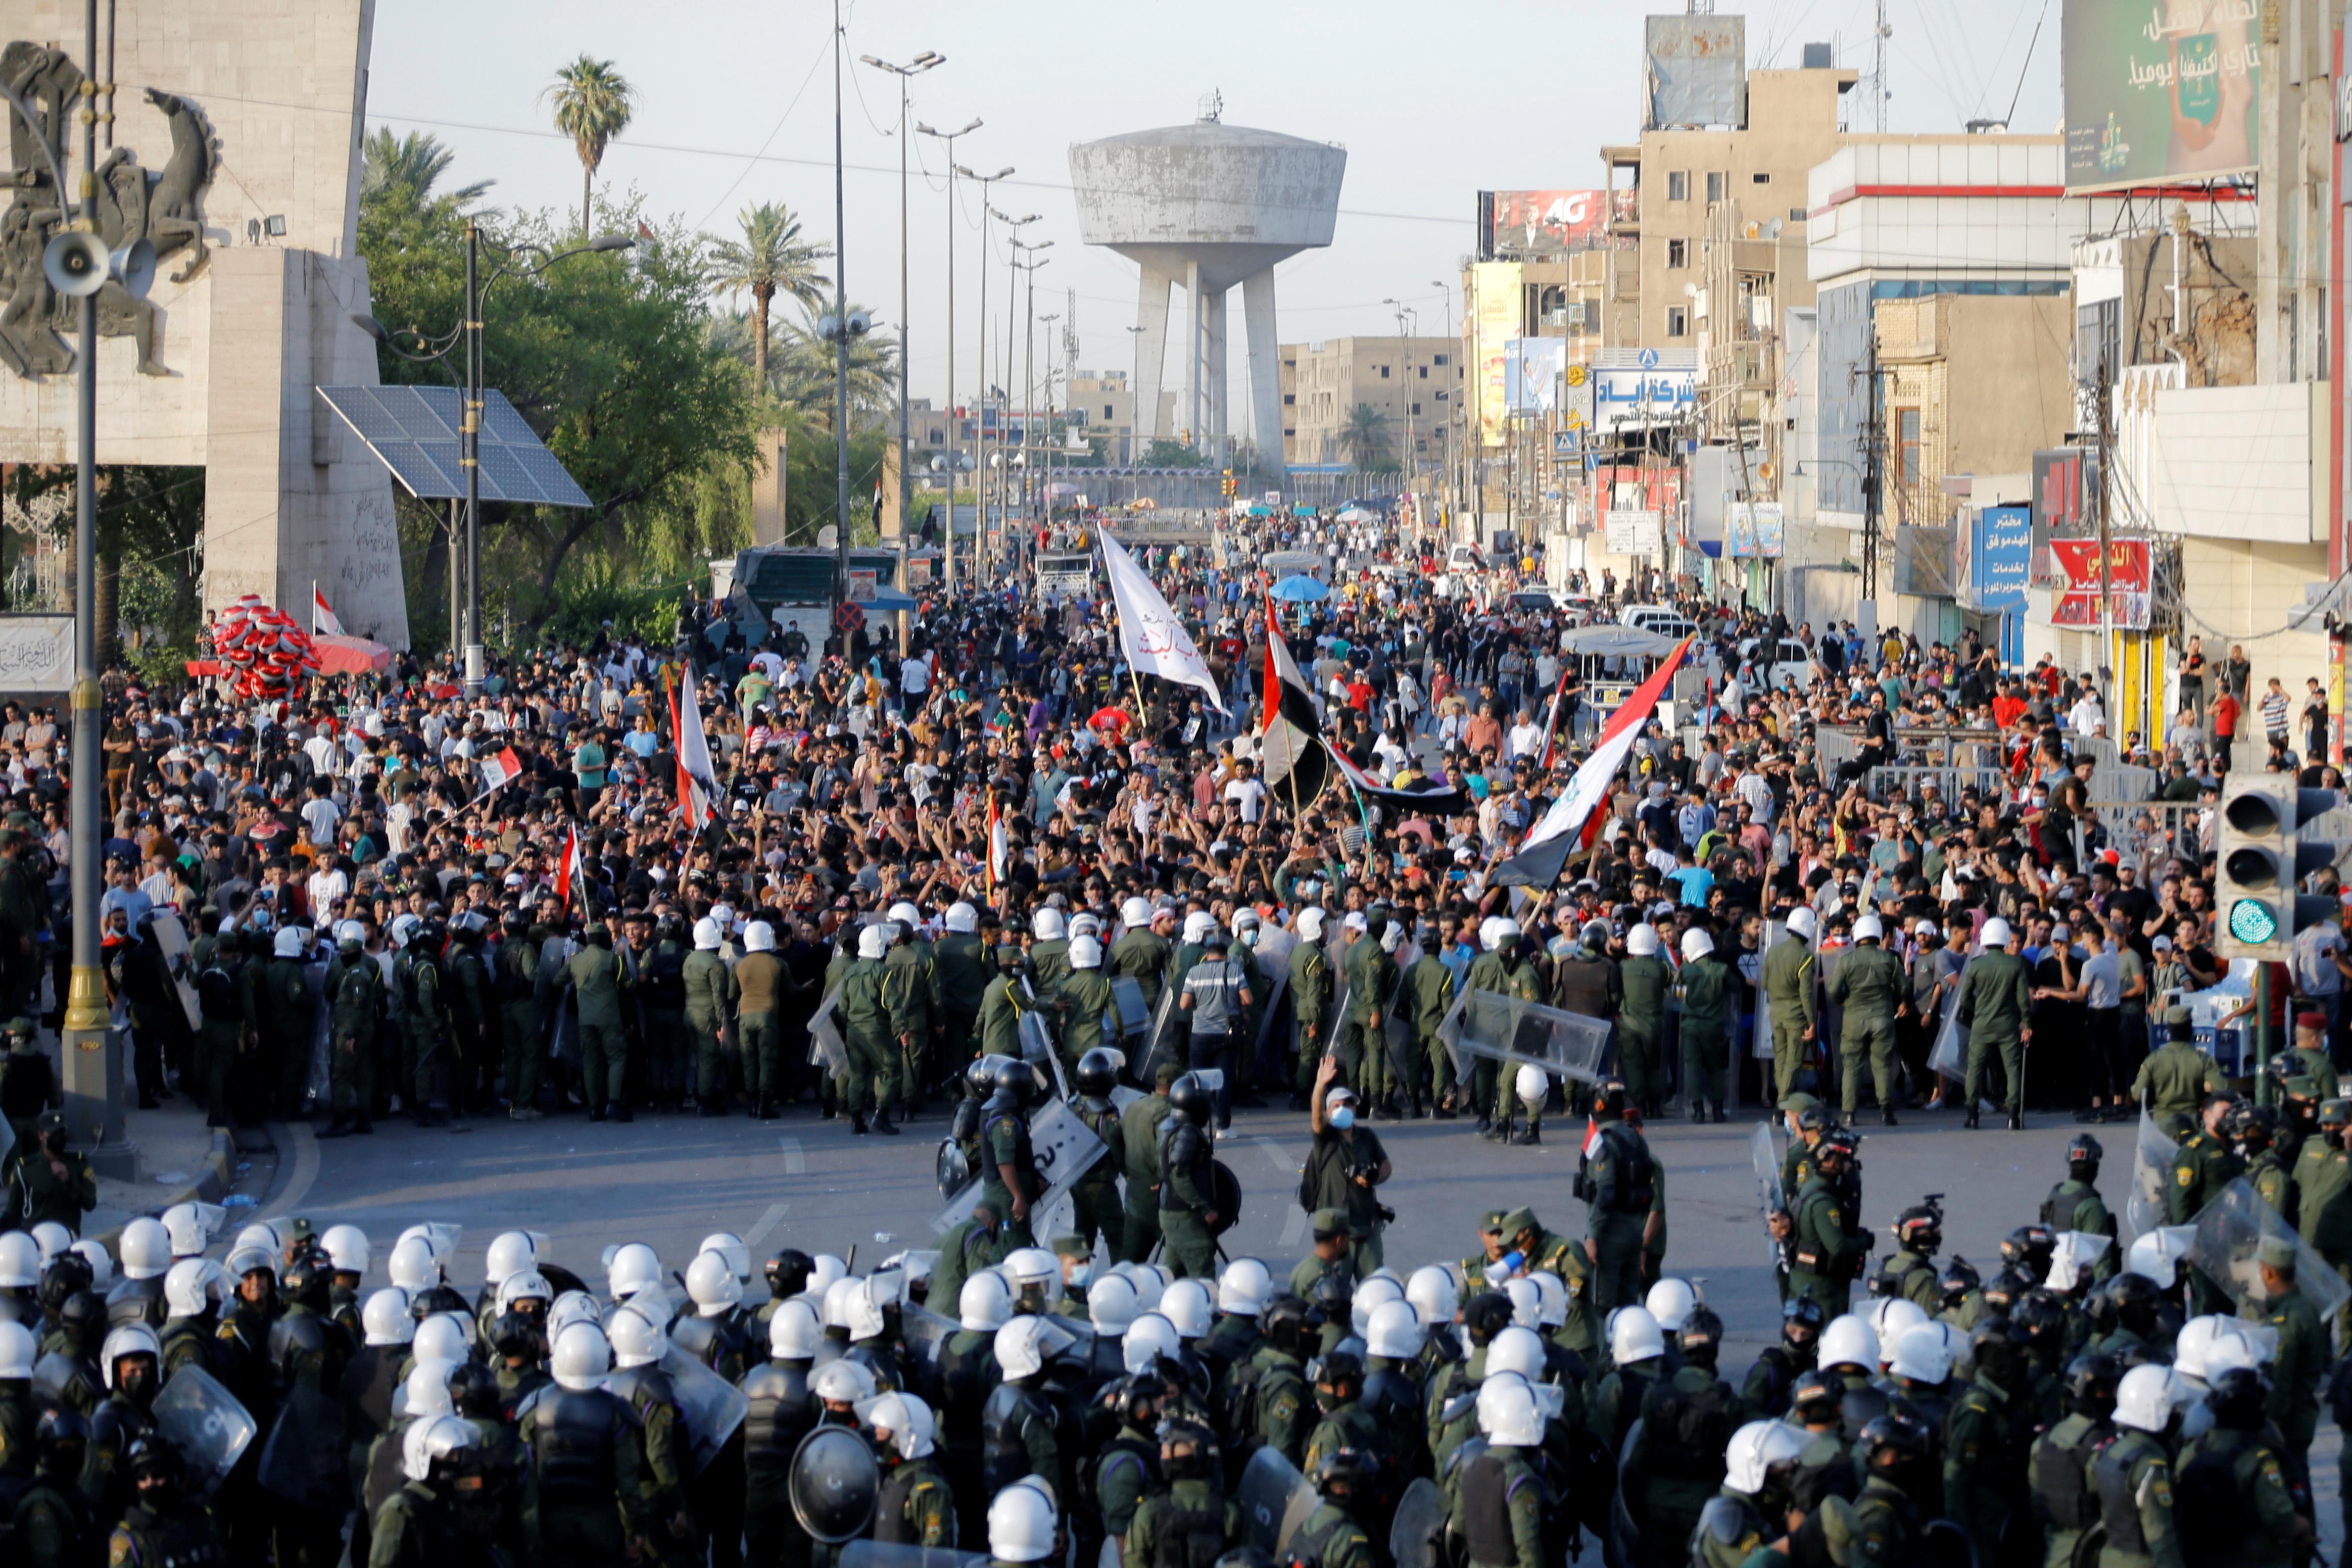 آلاف العراقيين يتظاهرون ويرفعون صور ناشطين تعرضوا للاغتيال